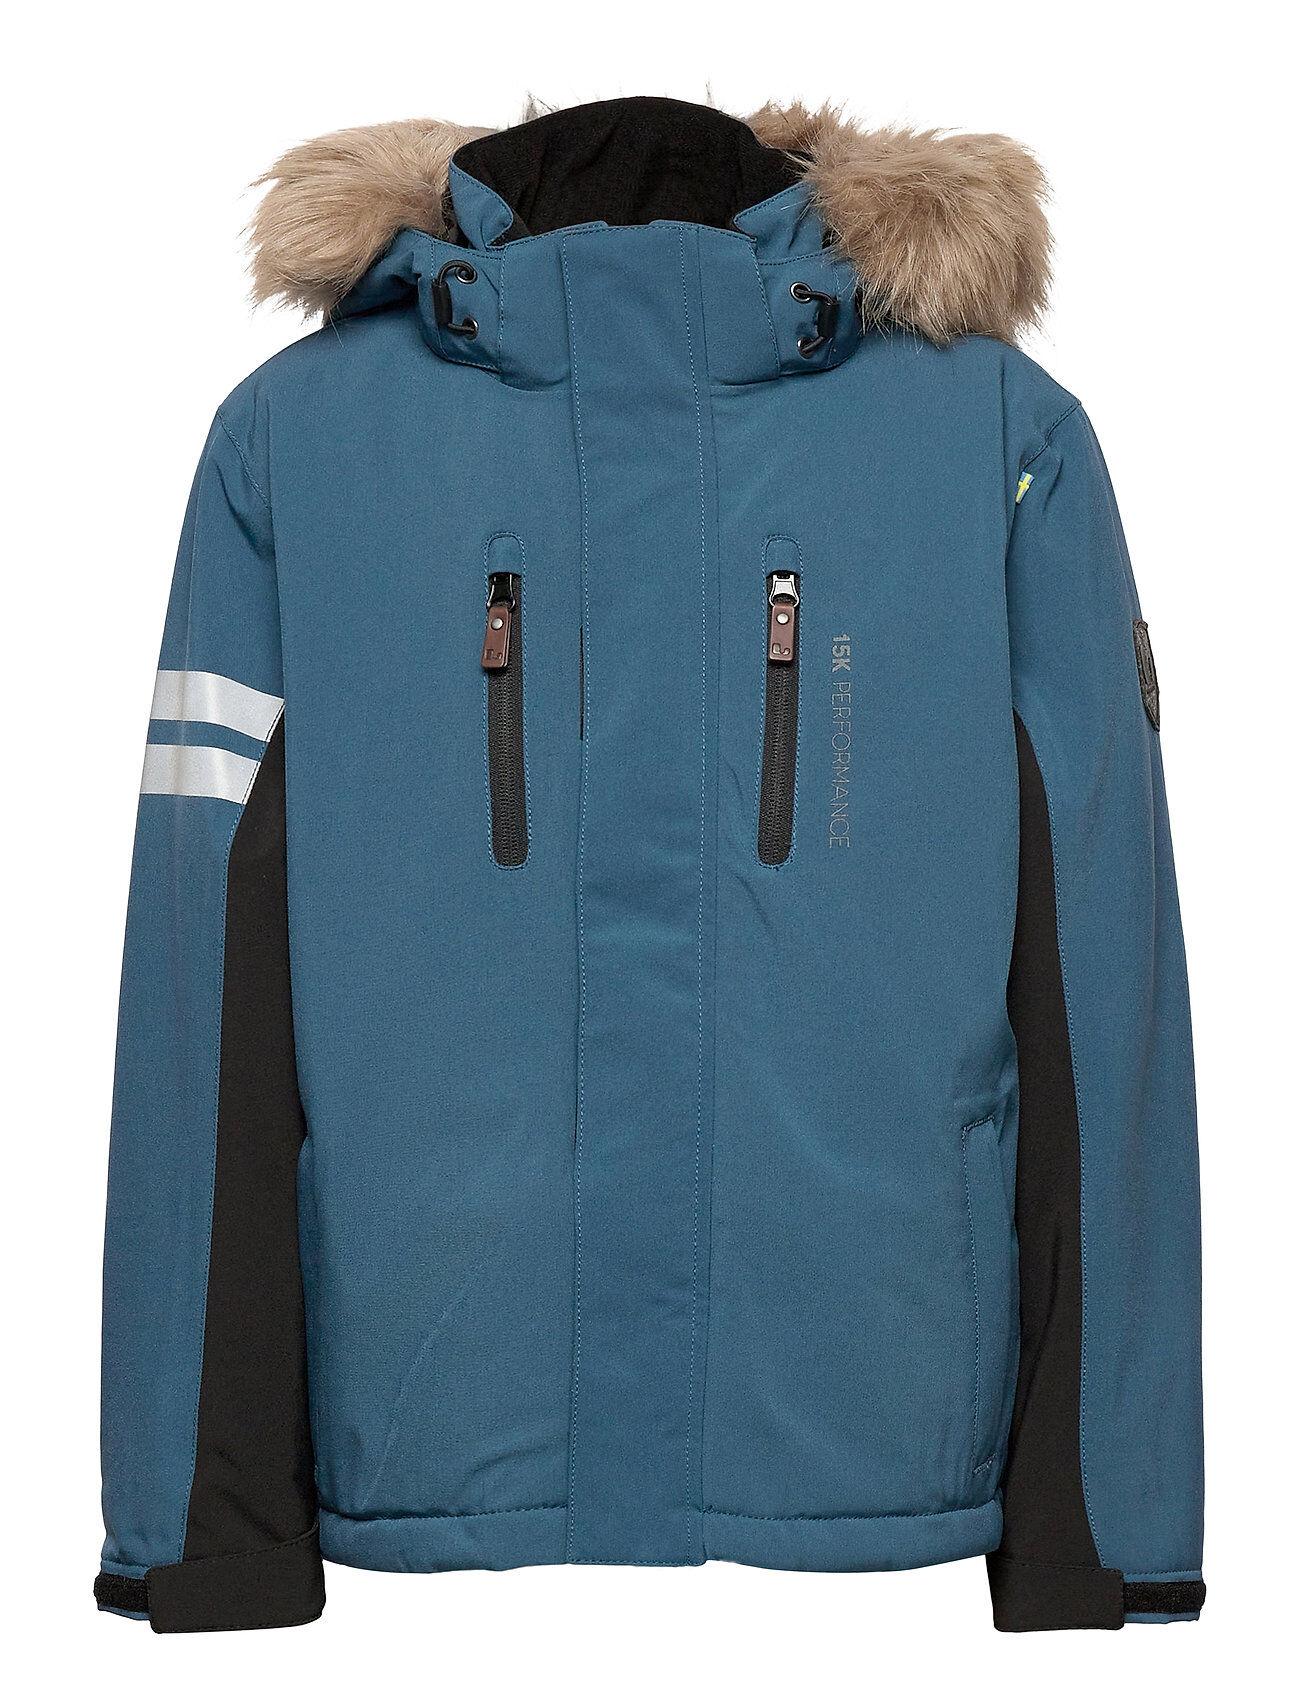 Lindberg Sweden Colden Jacket Outerwear Snow/ski Clothing Snow/ski Jacket Sininen Lindberg Sweden